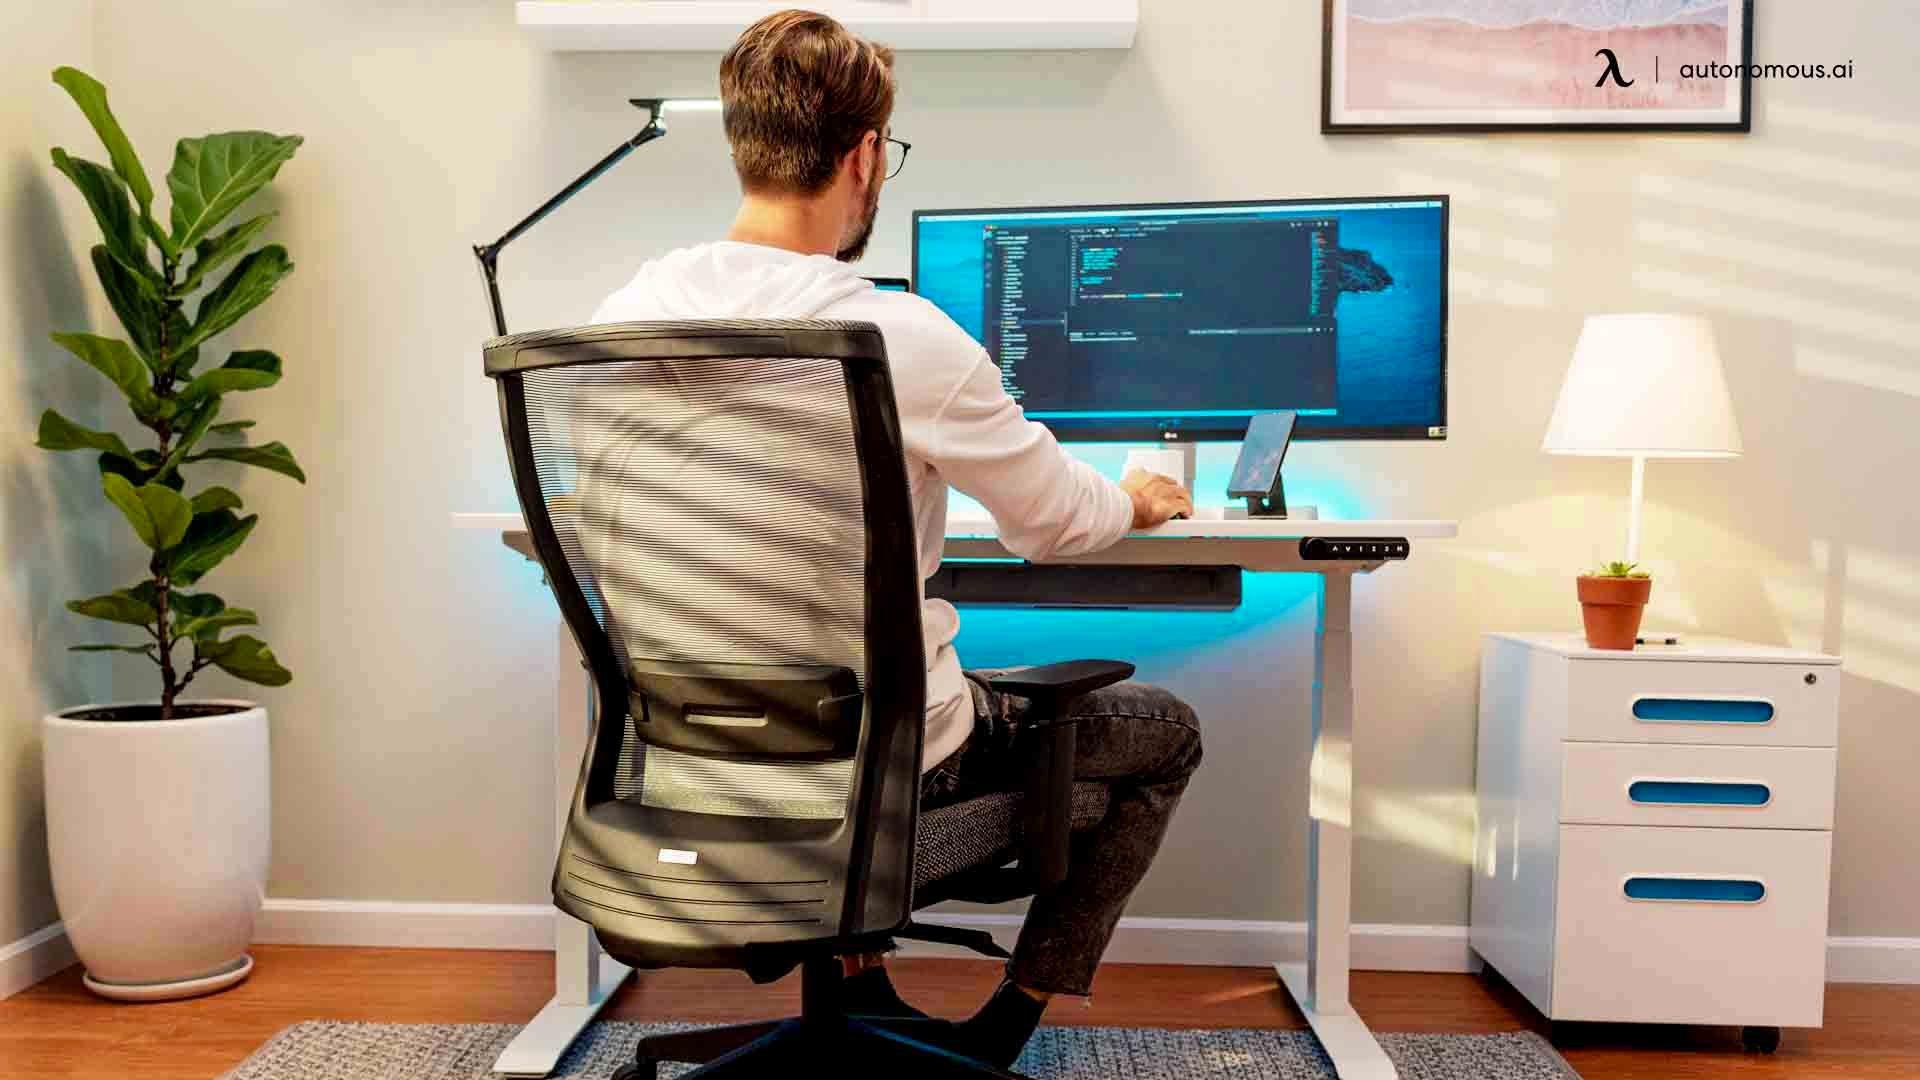 Let All Ergonomic Home Office Equipment